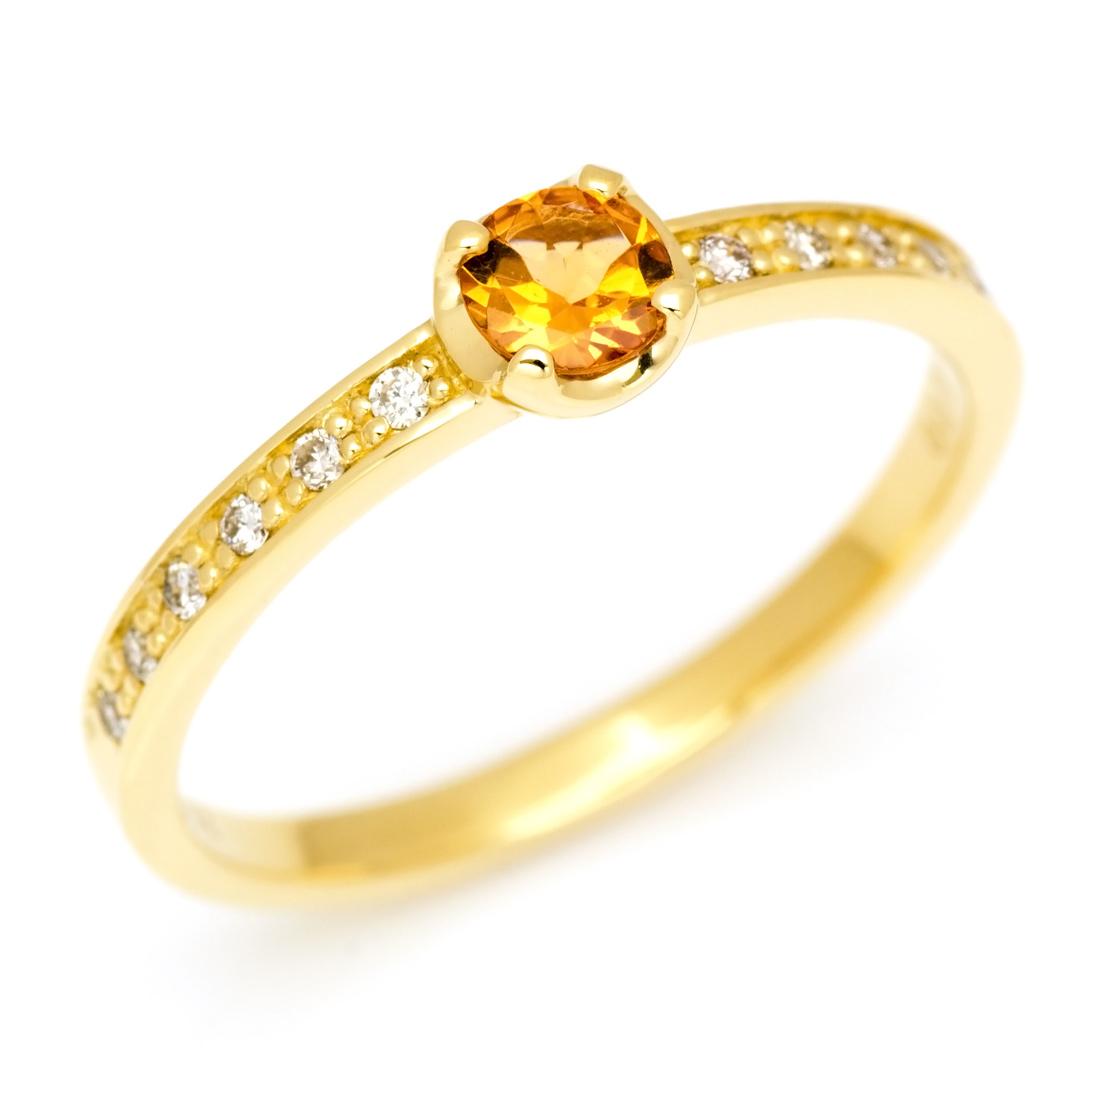 【GWクーポン配布中】リング スペサタイトガーネット ダイヤモンド ゴールド K18 「polarita」 送料無料